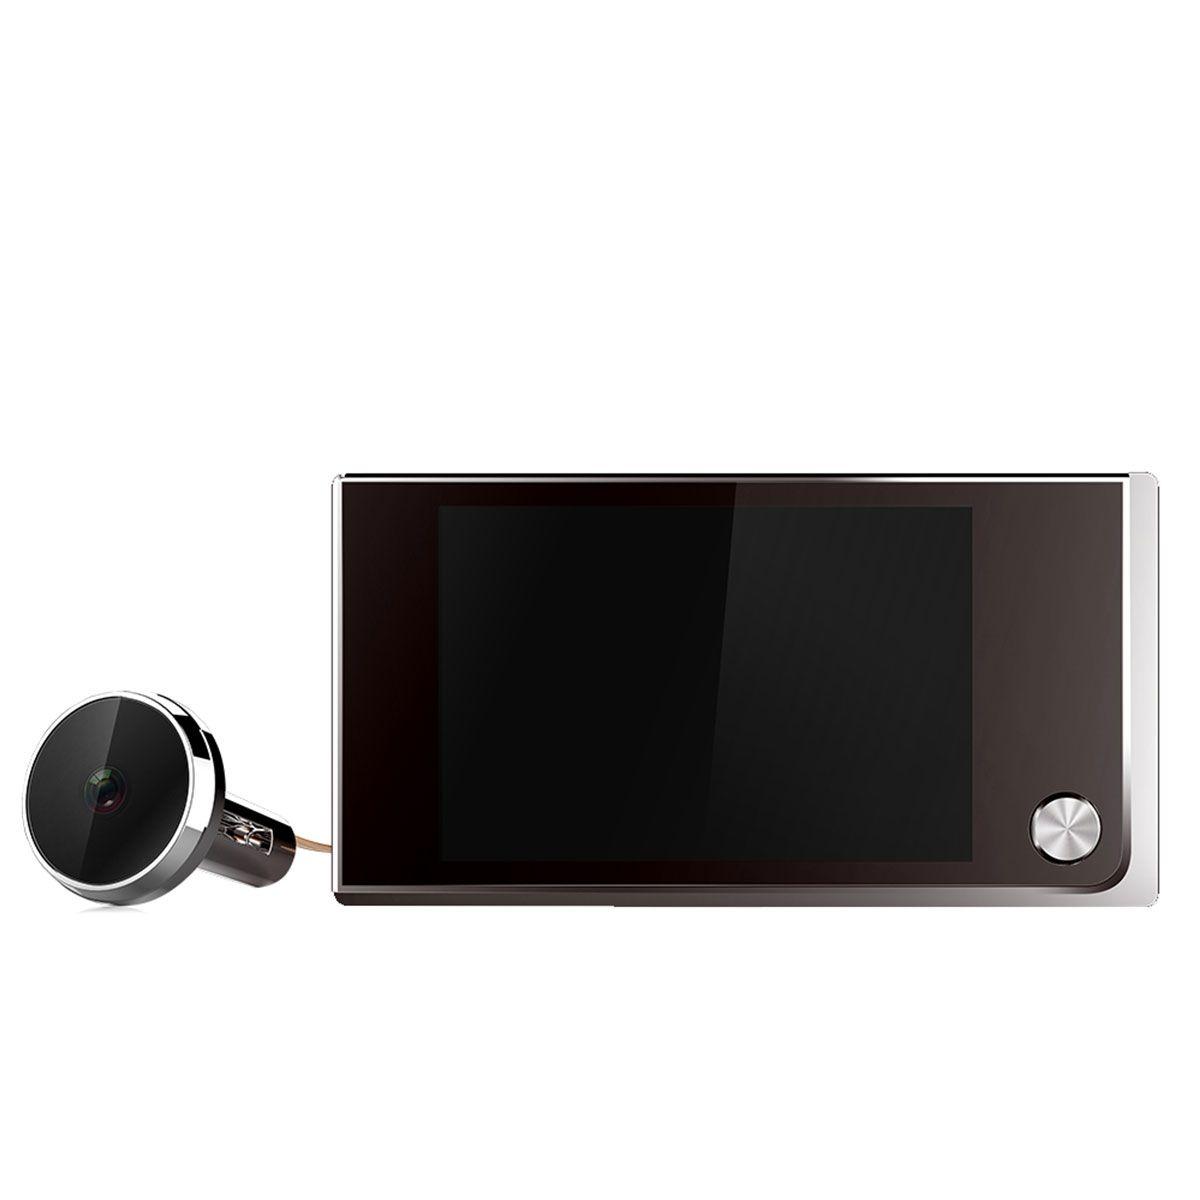 """ESCAM C01 3.5 """"디지털 LCD 120도 엿봄 뷰어 사진 시각 고양이 아이 캠"""